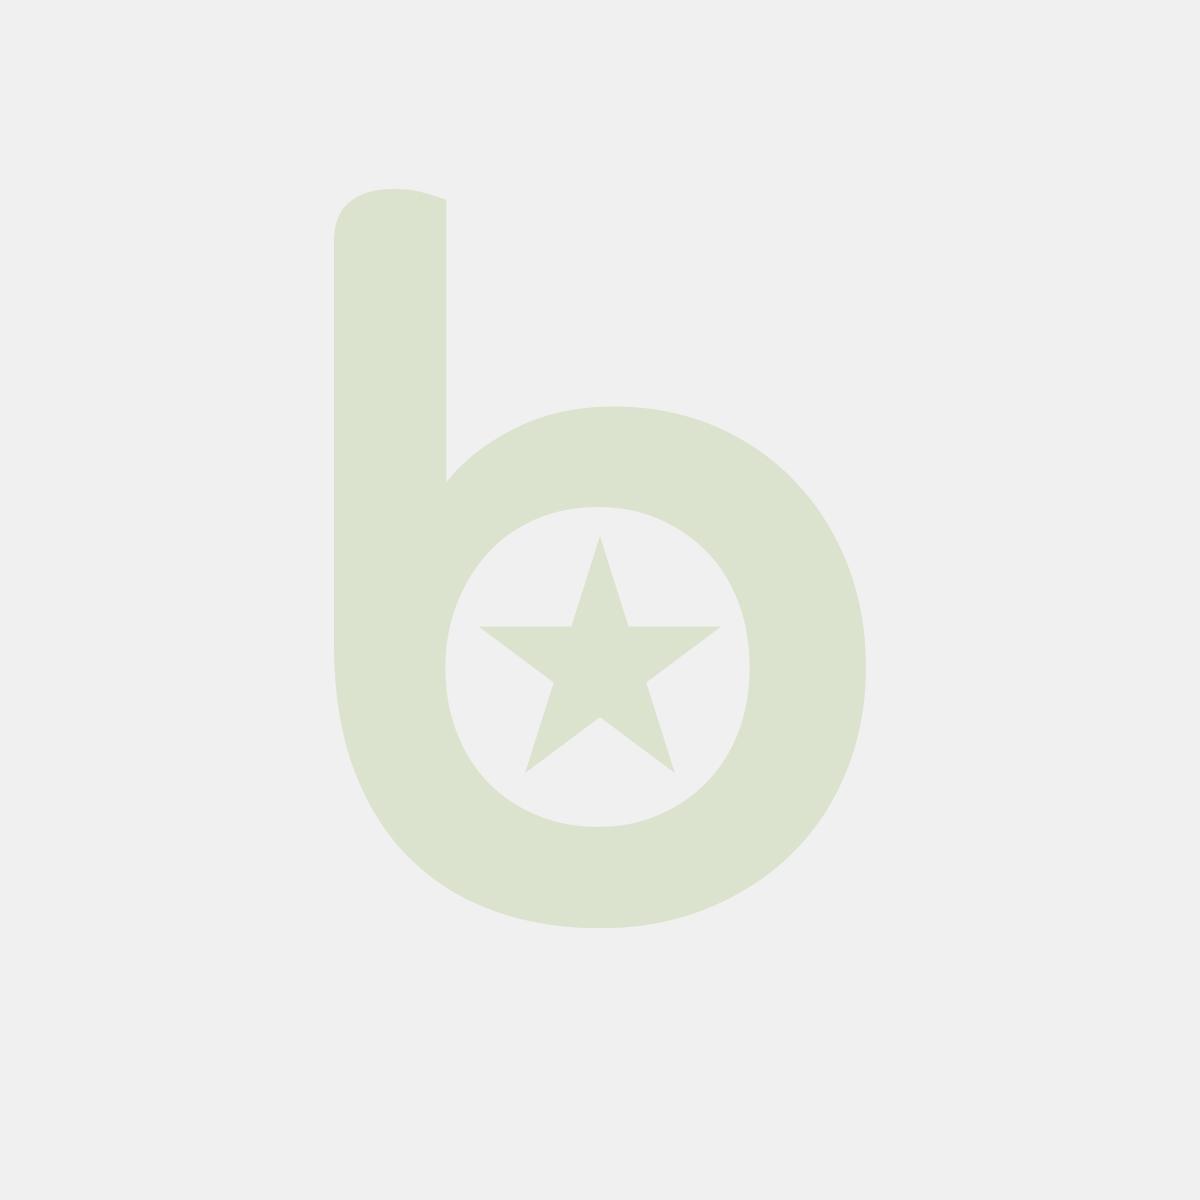 Kapelusz - melonik z brokatem niebieski, cena za 1 sztukę